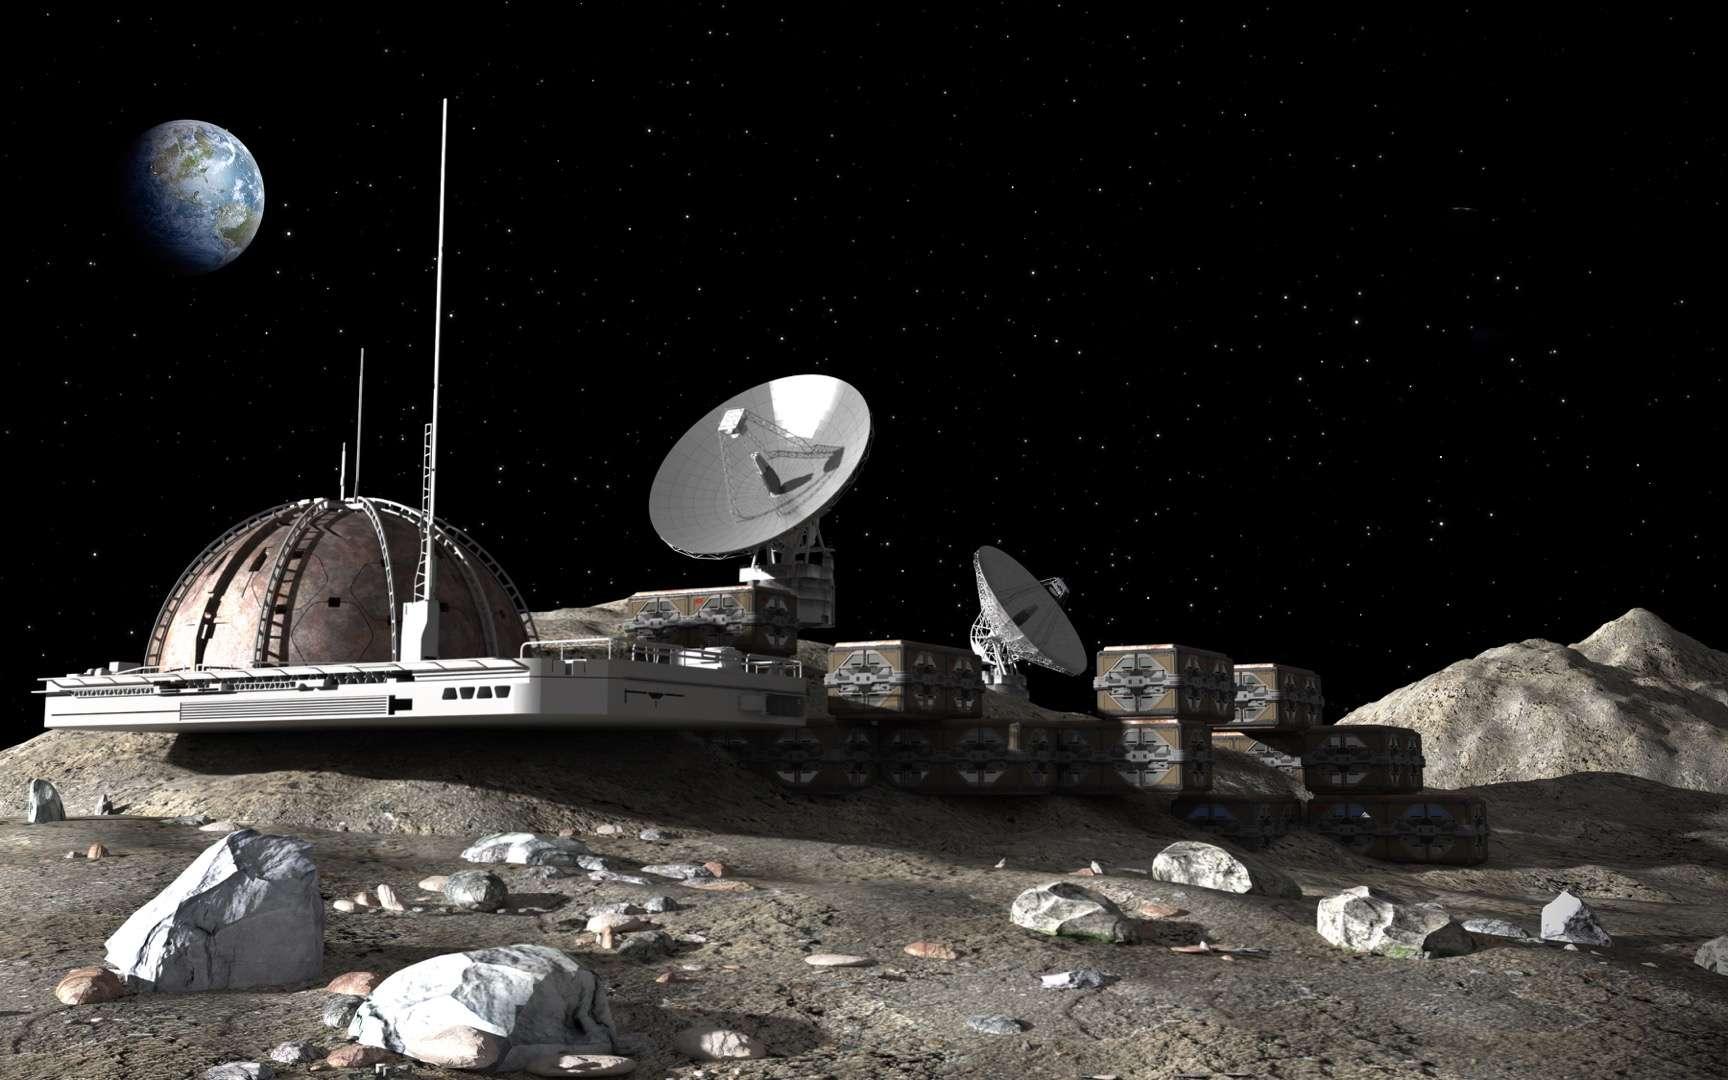 De la science-fiction à l'élaboration du projet, une usine dans l'espace se profile à l'horizon 2023. © 3000ad, Adobe Stock